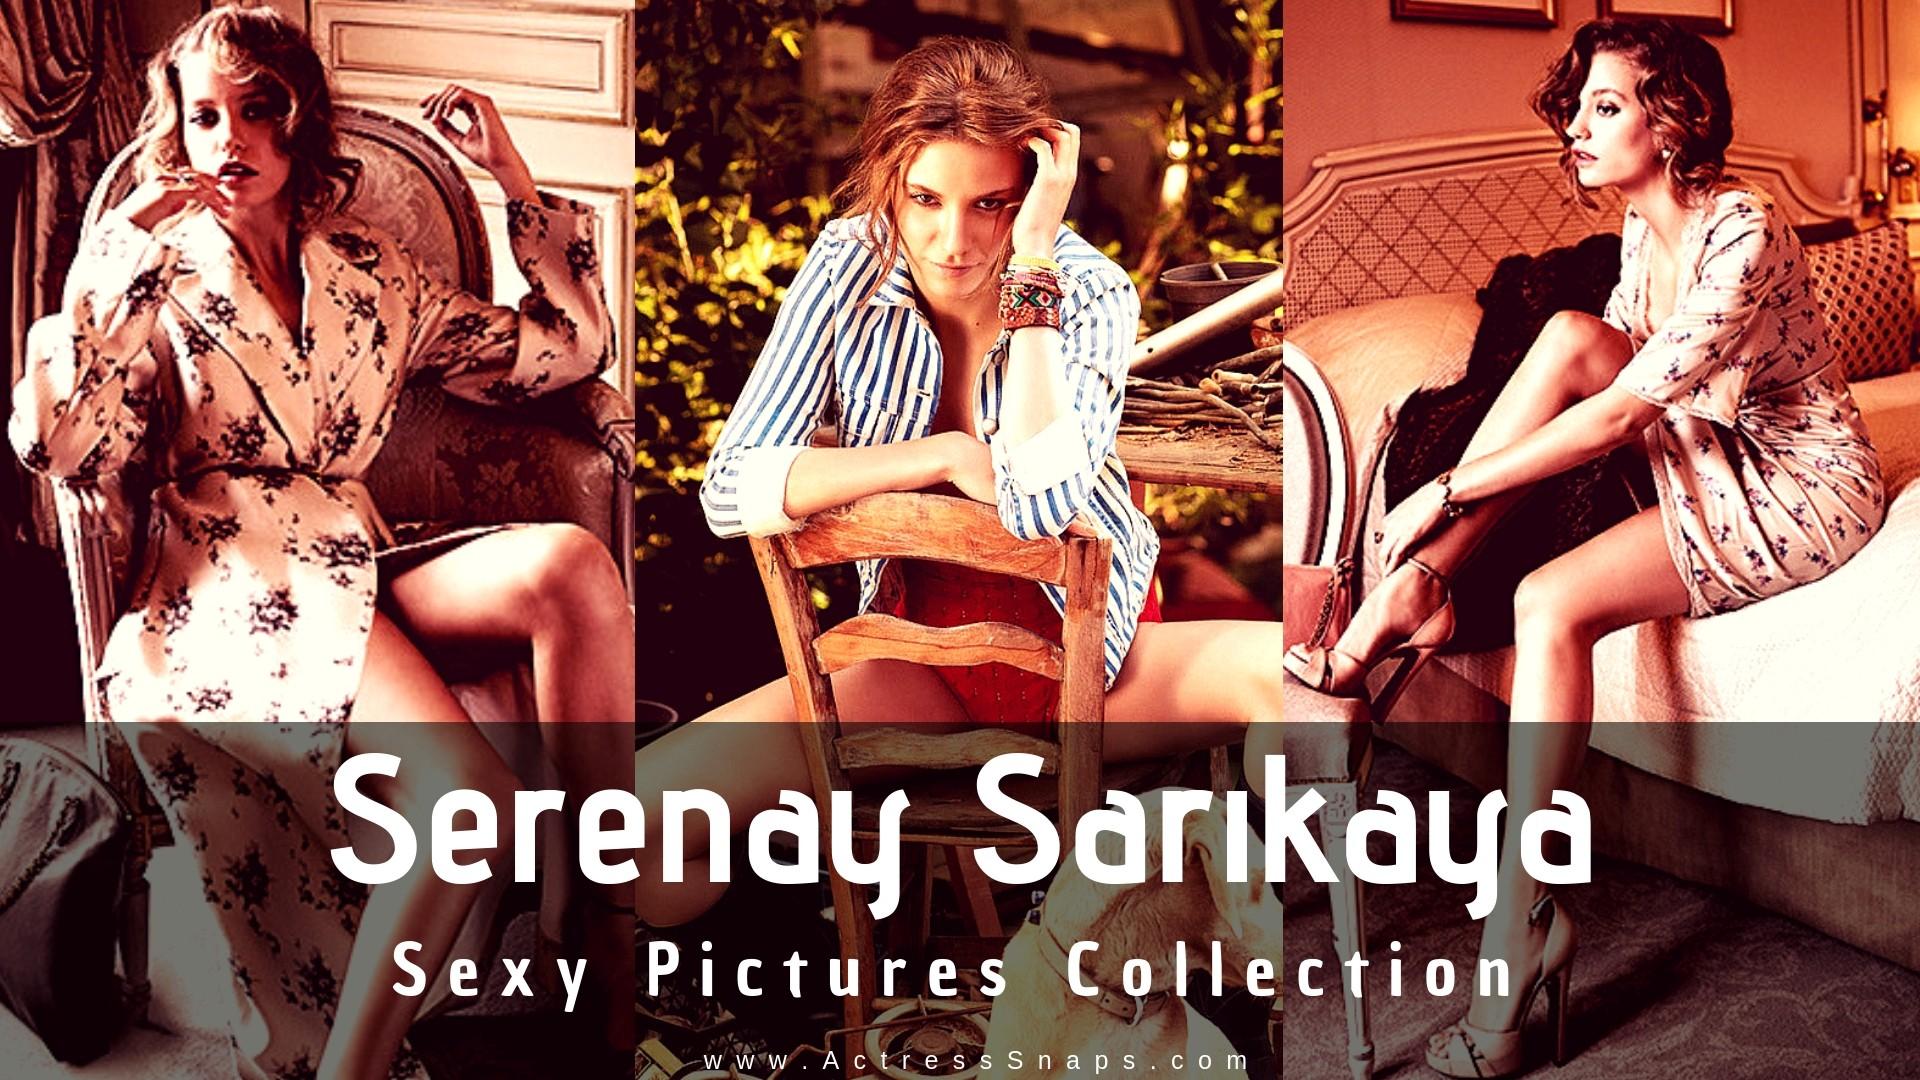 Hot Serenay Sarikaya Photos - Sexy Actress Pictures | Hot Actress Pictures - ActressSnaps.com